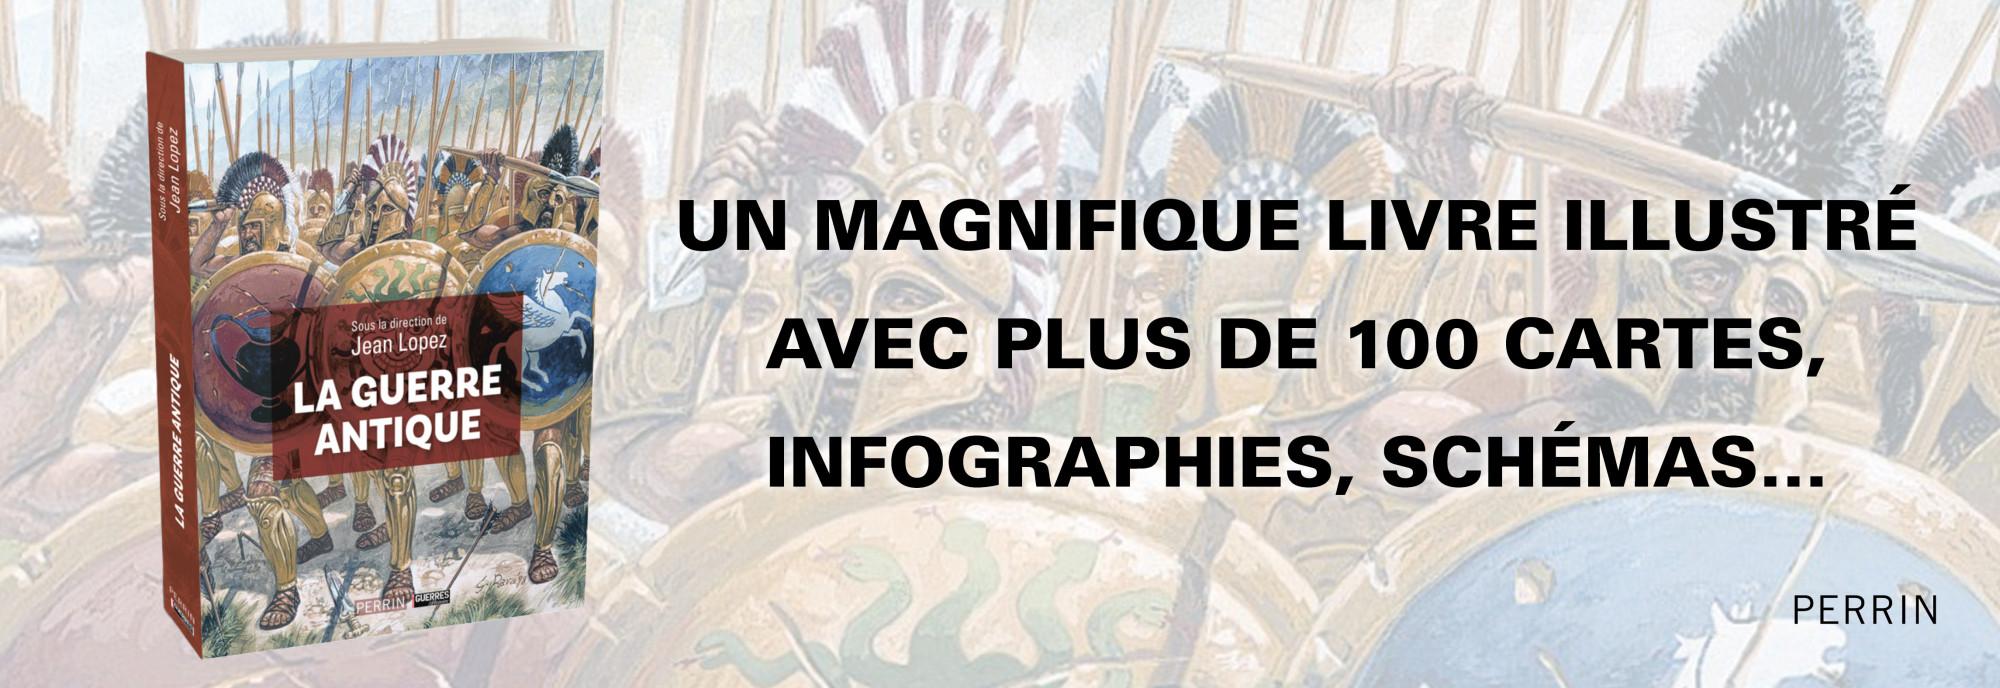 7767_1_Slider_La_guerre_antique_1099x378px2.jpg